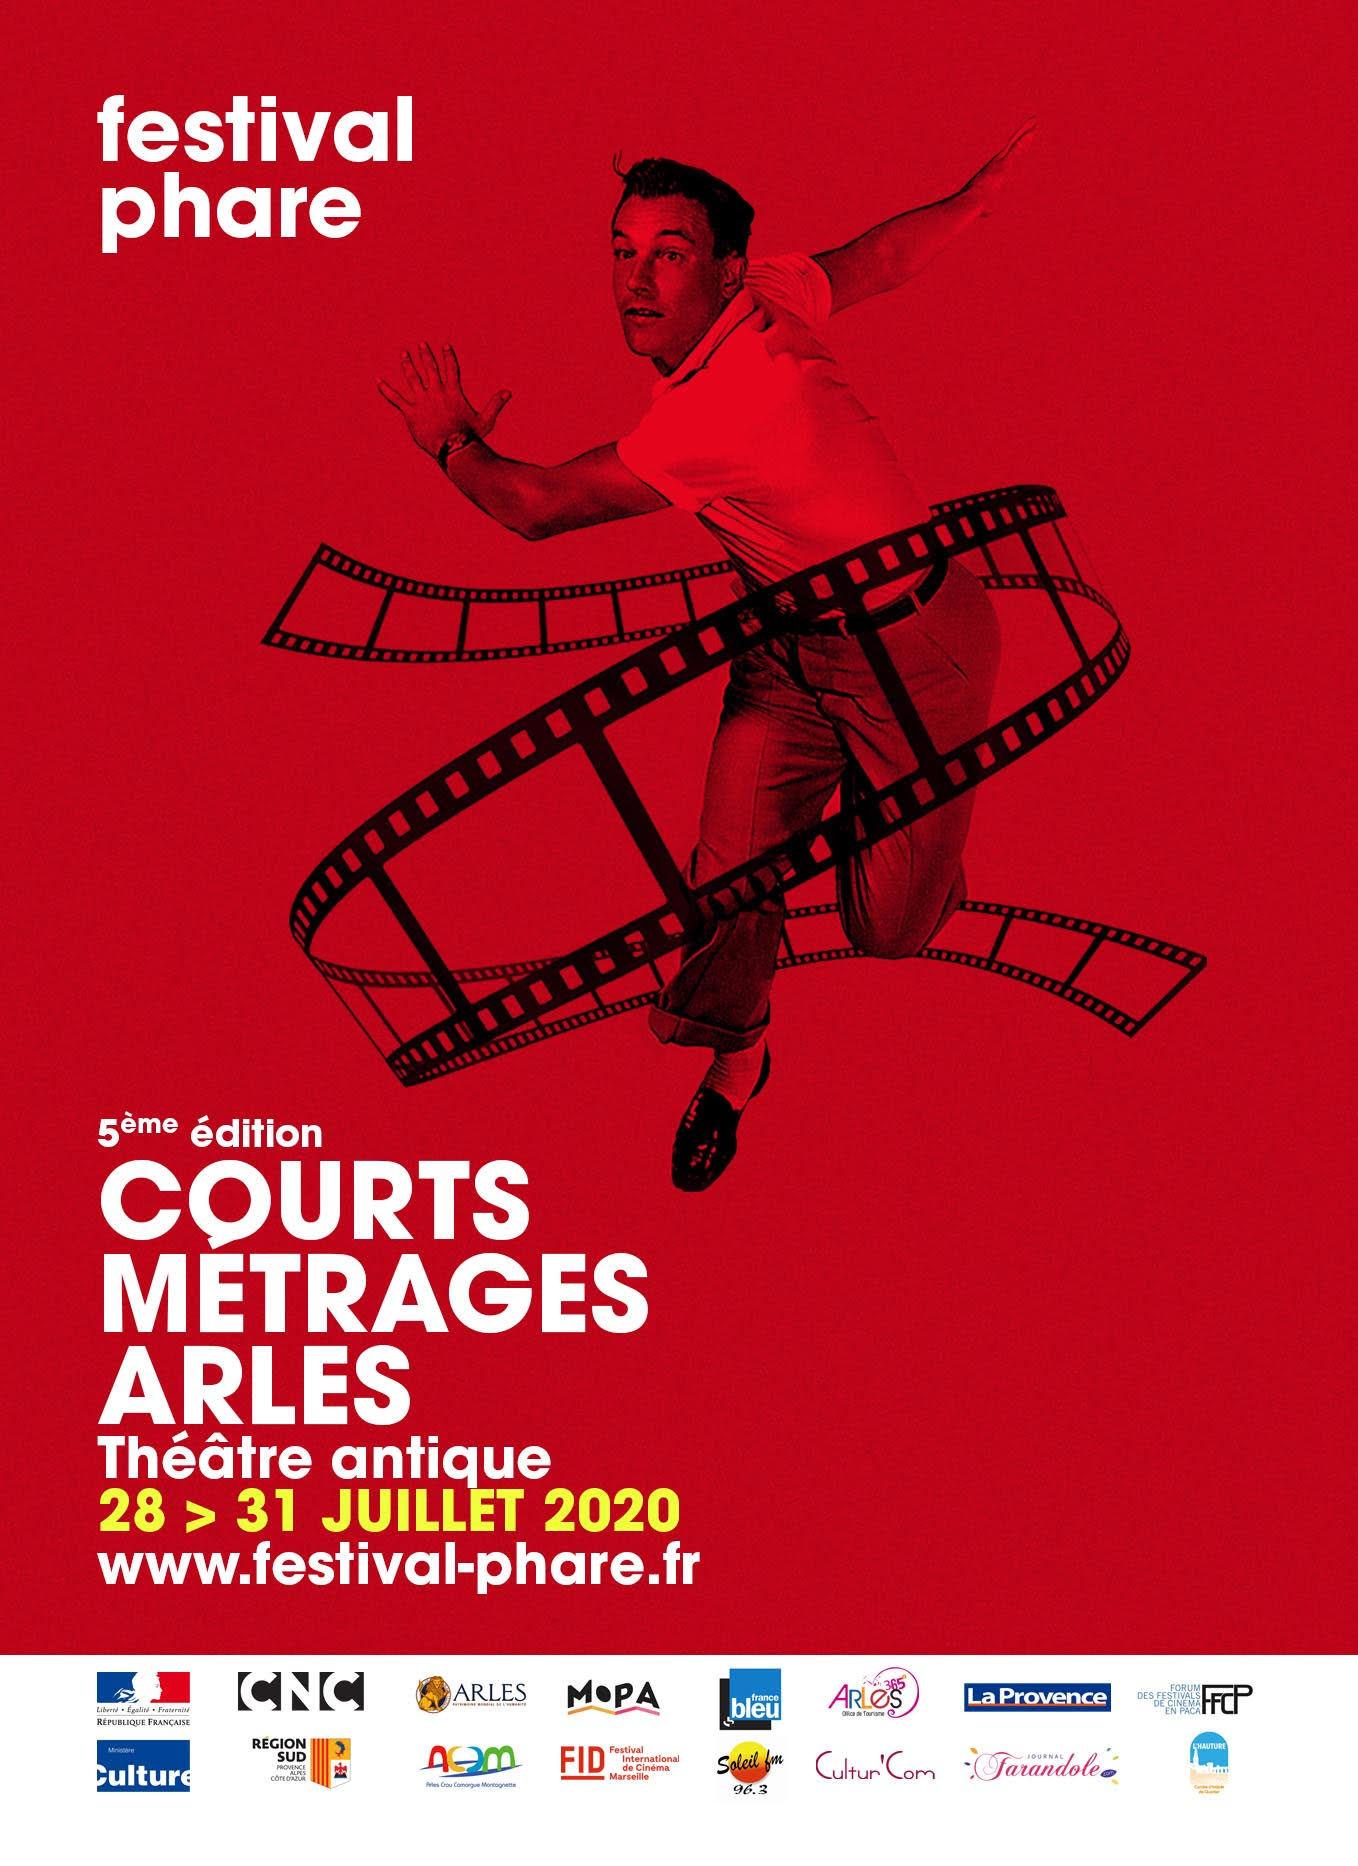 Du 28 au 31 juillet 2020, la 5e édition de Phare se tiendra au Théâtre antique d'Arles et sera l'occasion de découvrir une trentaine de courts métrages audacieux durant quatre soirées débridées !